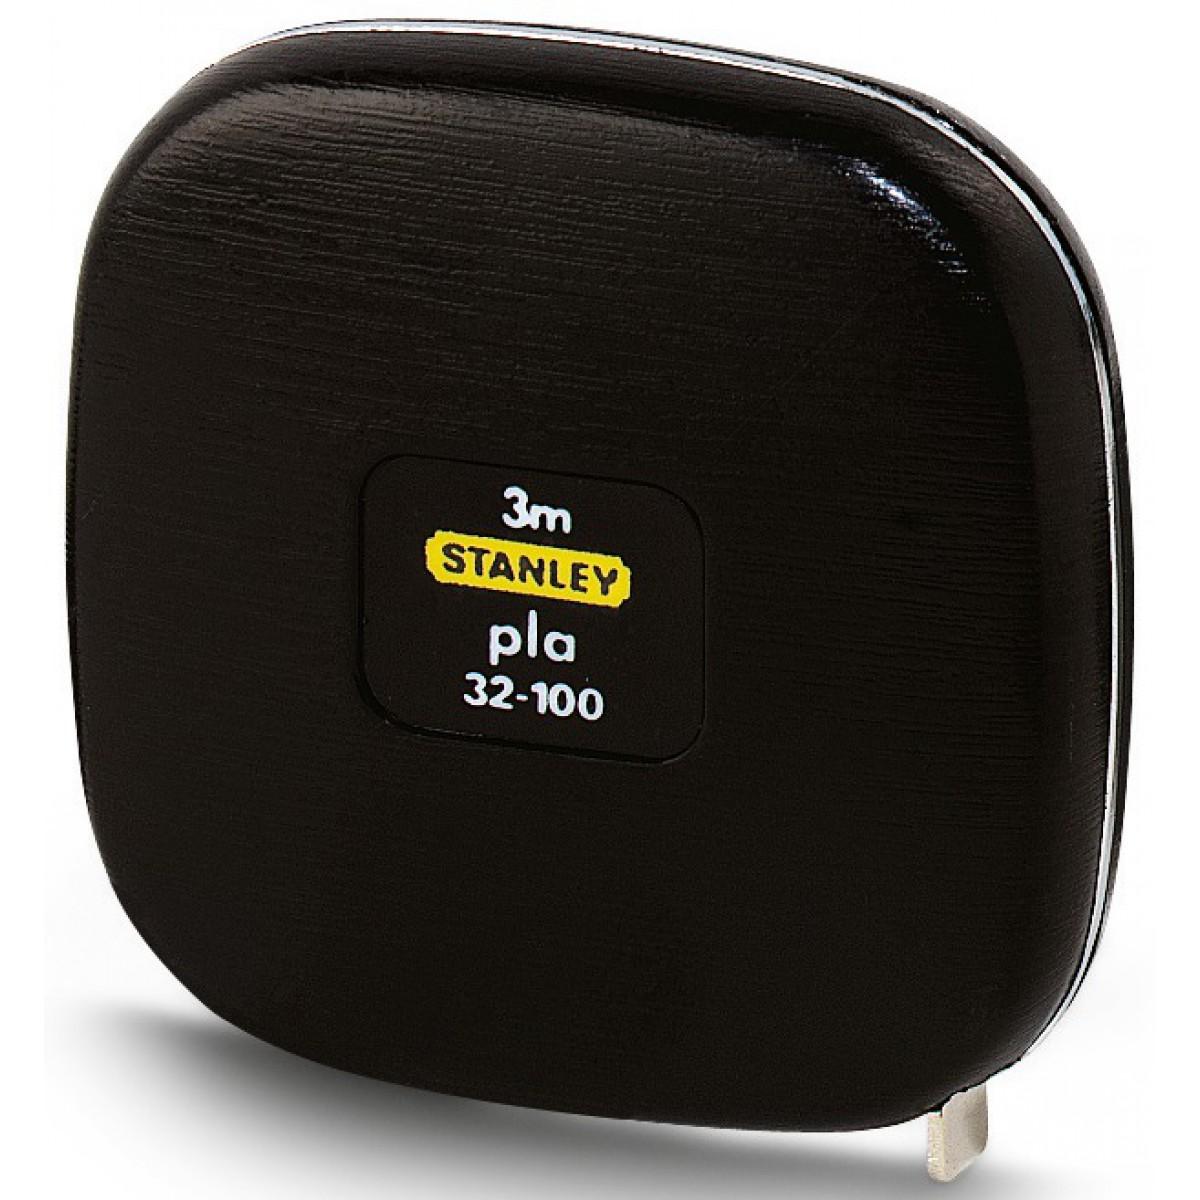 Mesure pla Stanley - Longueur 3 m - Largeur 6,35 mm